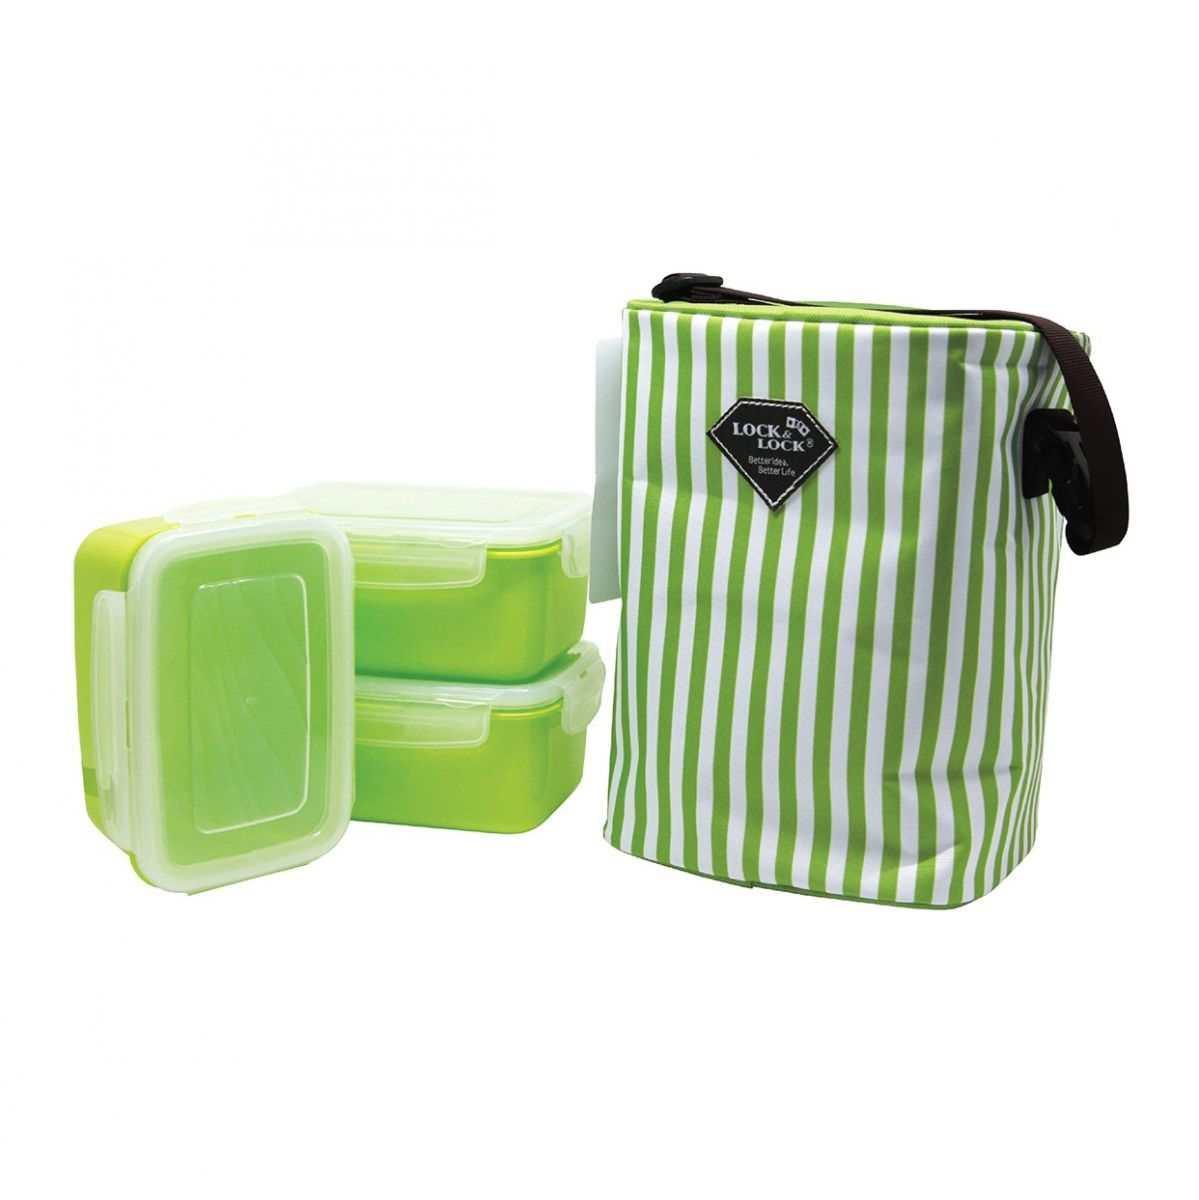 Bộ 3 hộp đựng cơm và túi giữ nhiệt Lock&Lock HAF101G3 630ml